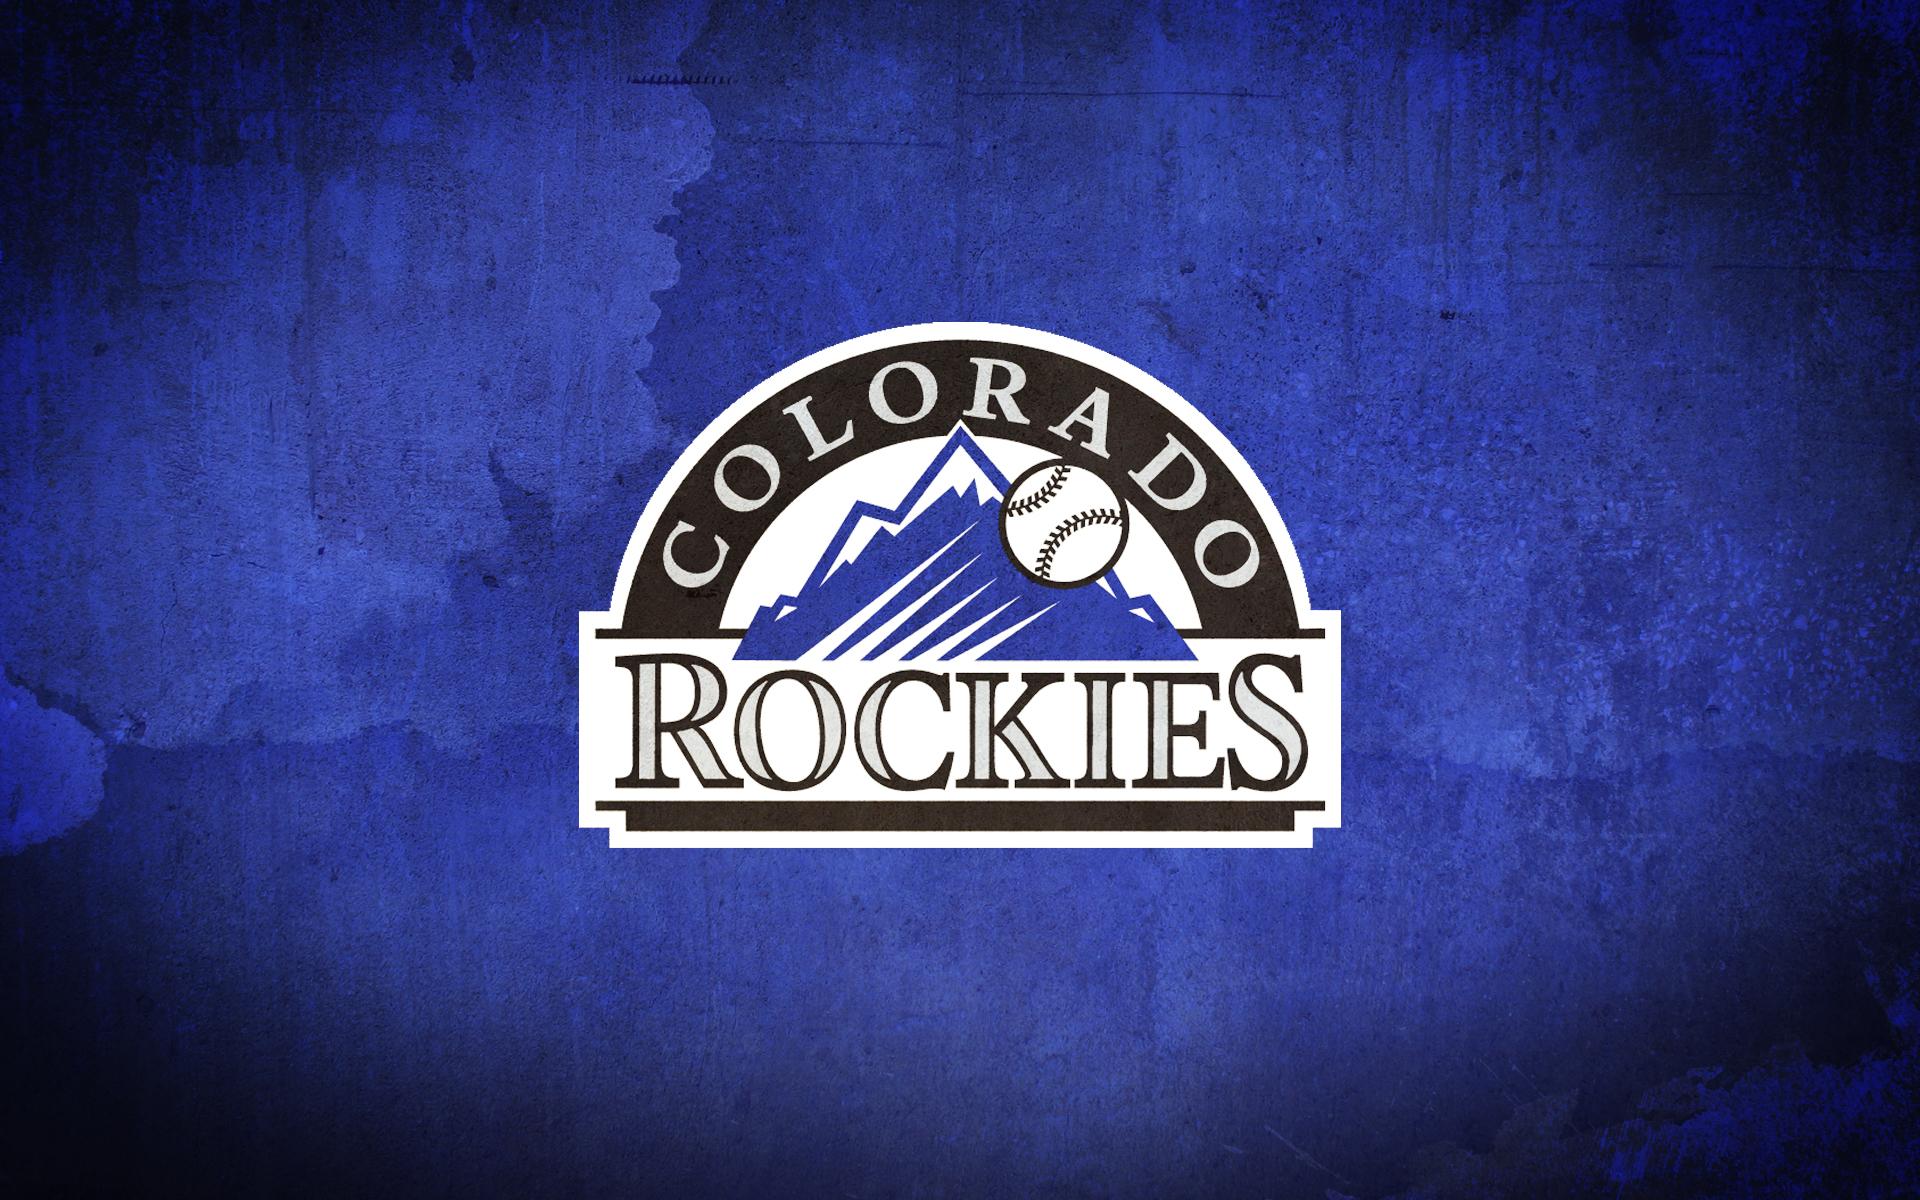 Colorado Rockies Wallpaper